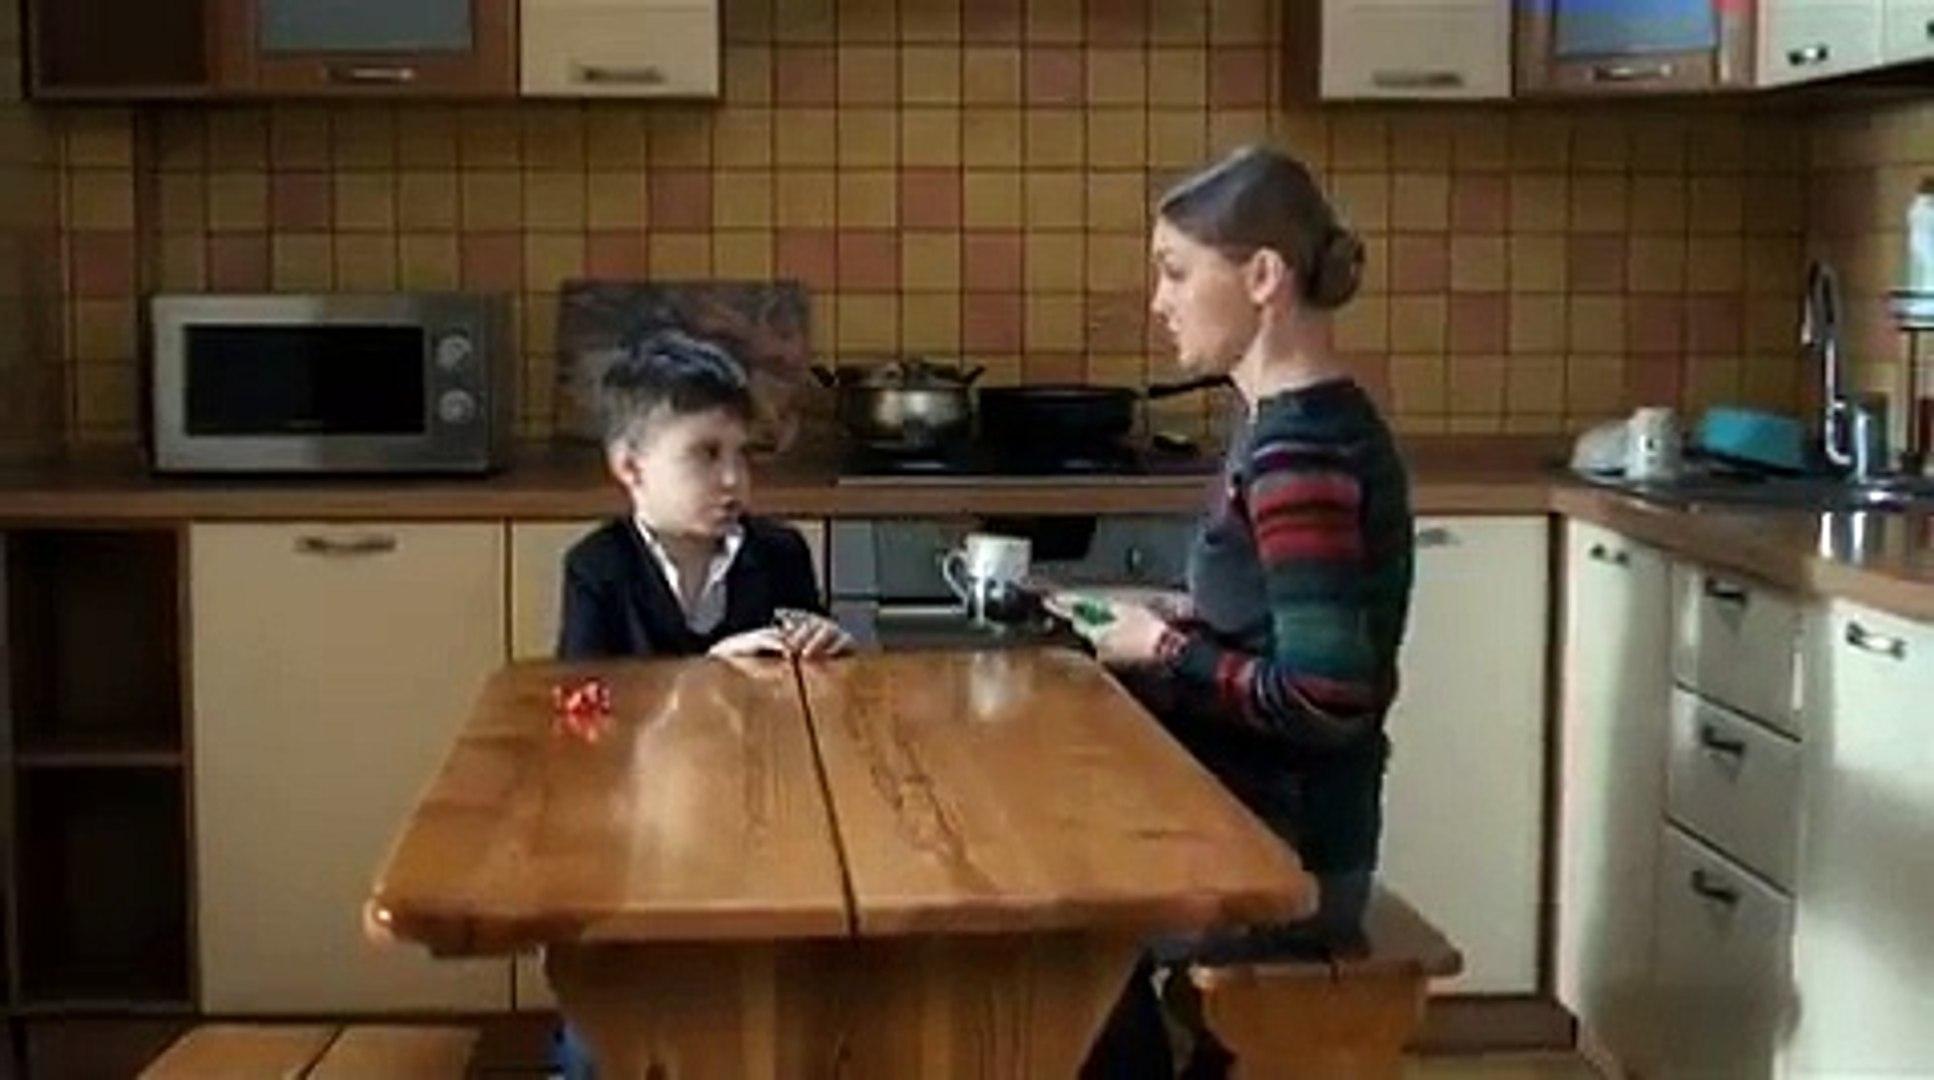 Соната для Веры 2016 серия 3 русская мелодрама 2016 смотреть онлайн бесплатно сериал